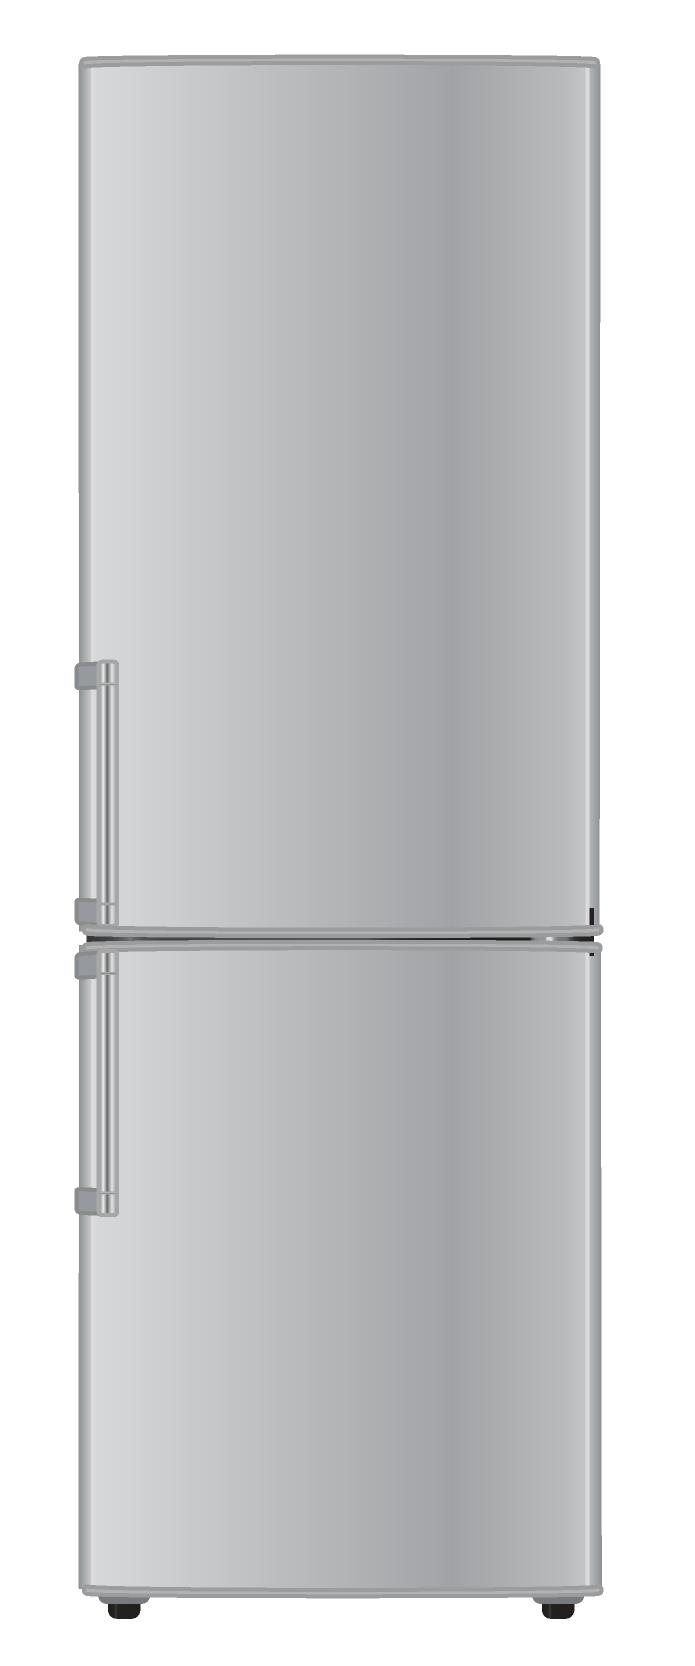 επισκευή ψυγείων